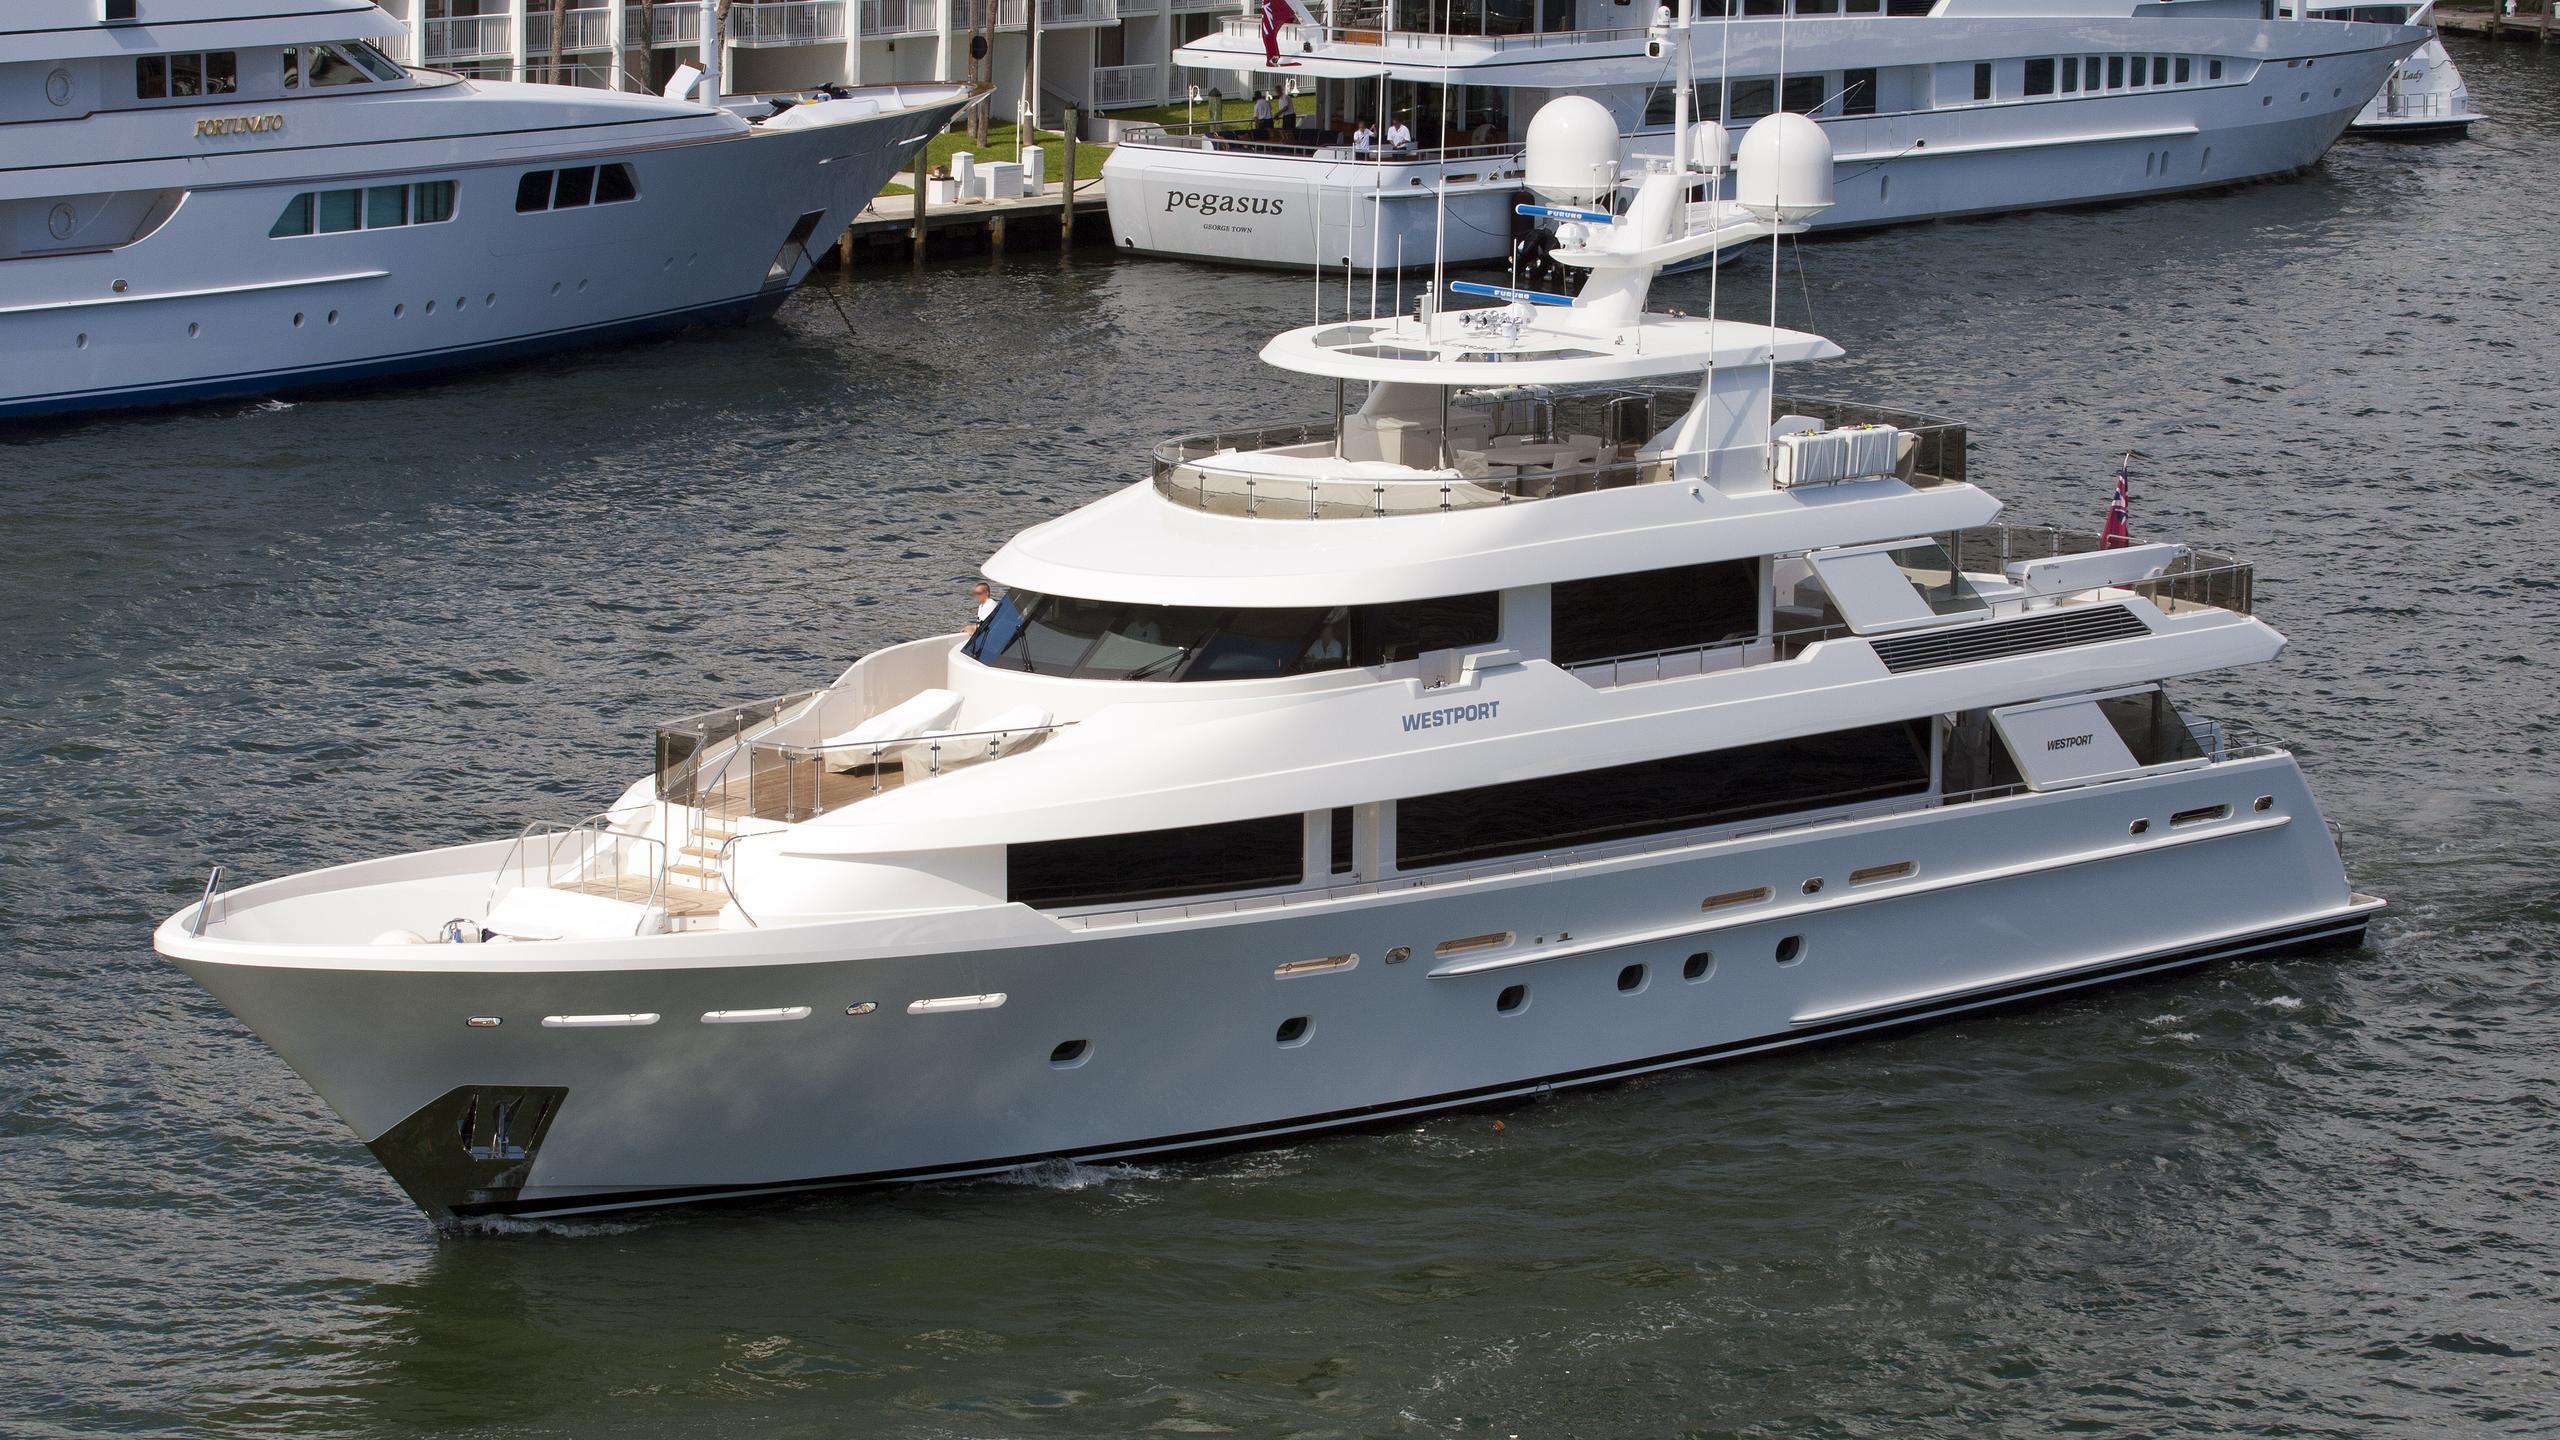 angel-wings-motor-yacht-westport-130-2012-40m-half-profile